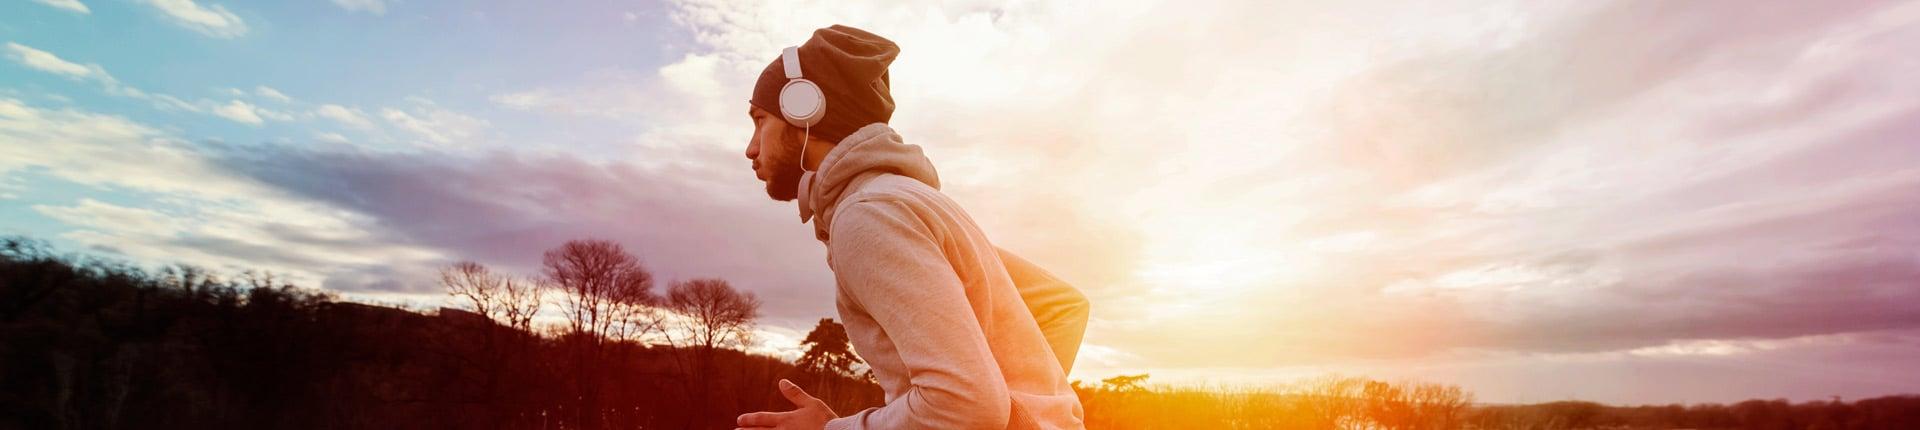 Czy trening interwałowy przy muzyce będzie bardziej skuteczny?